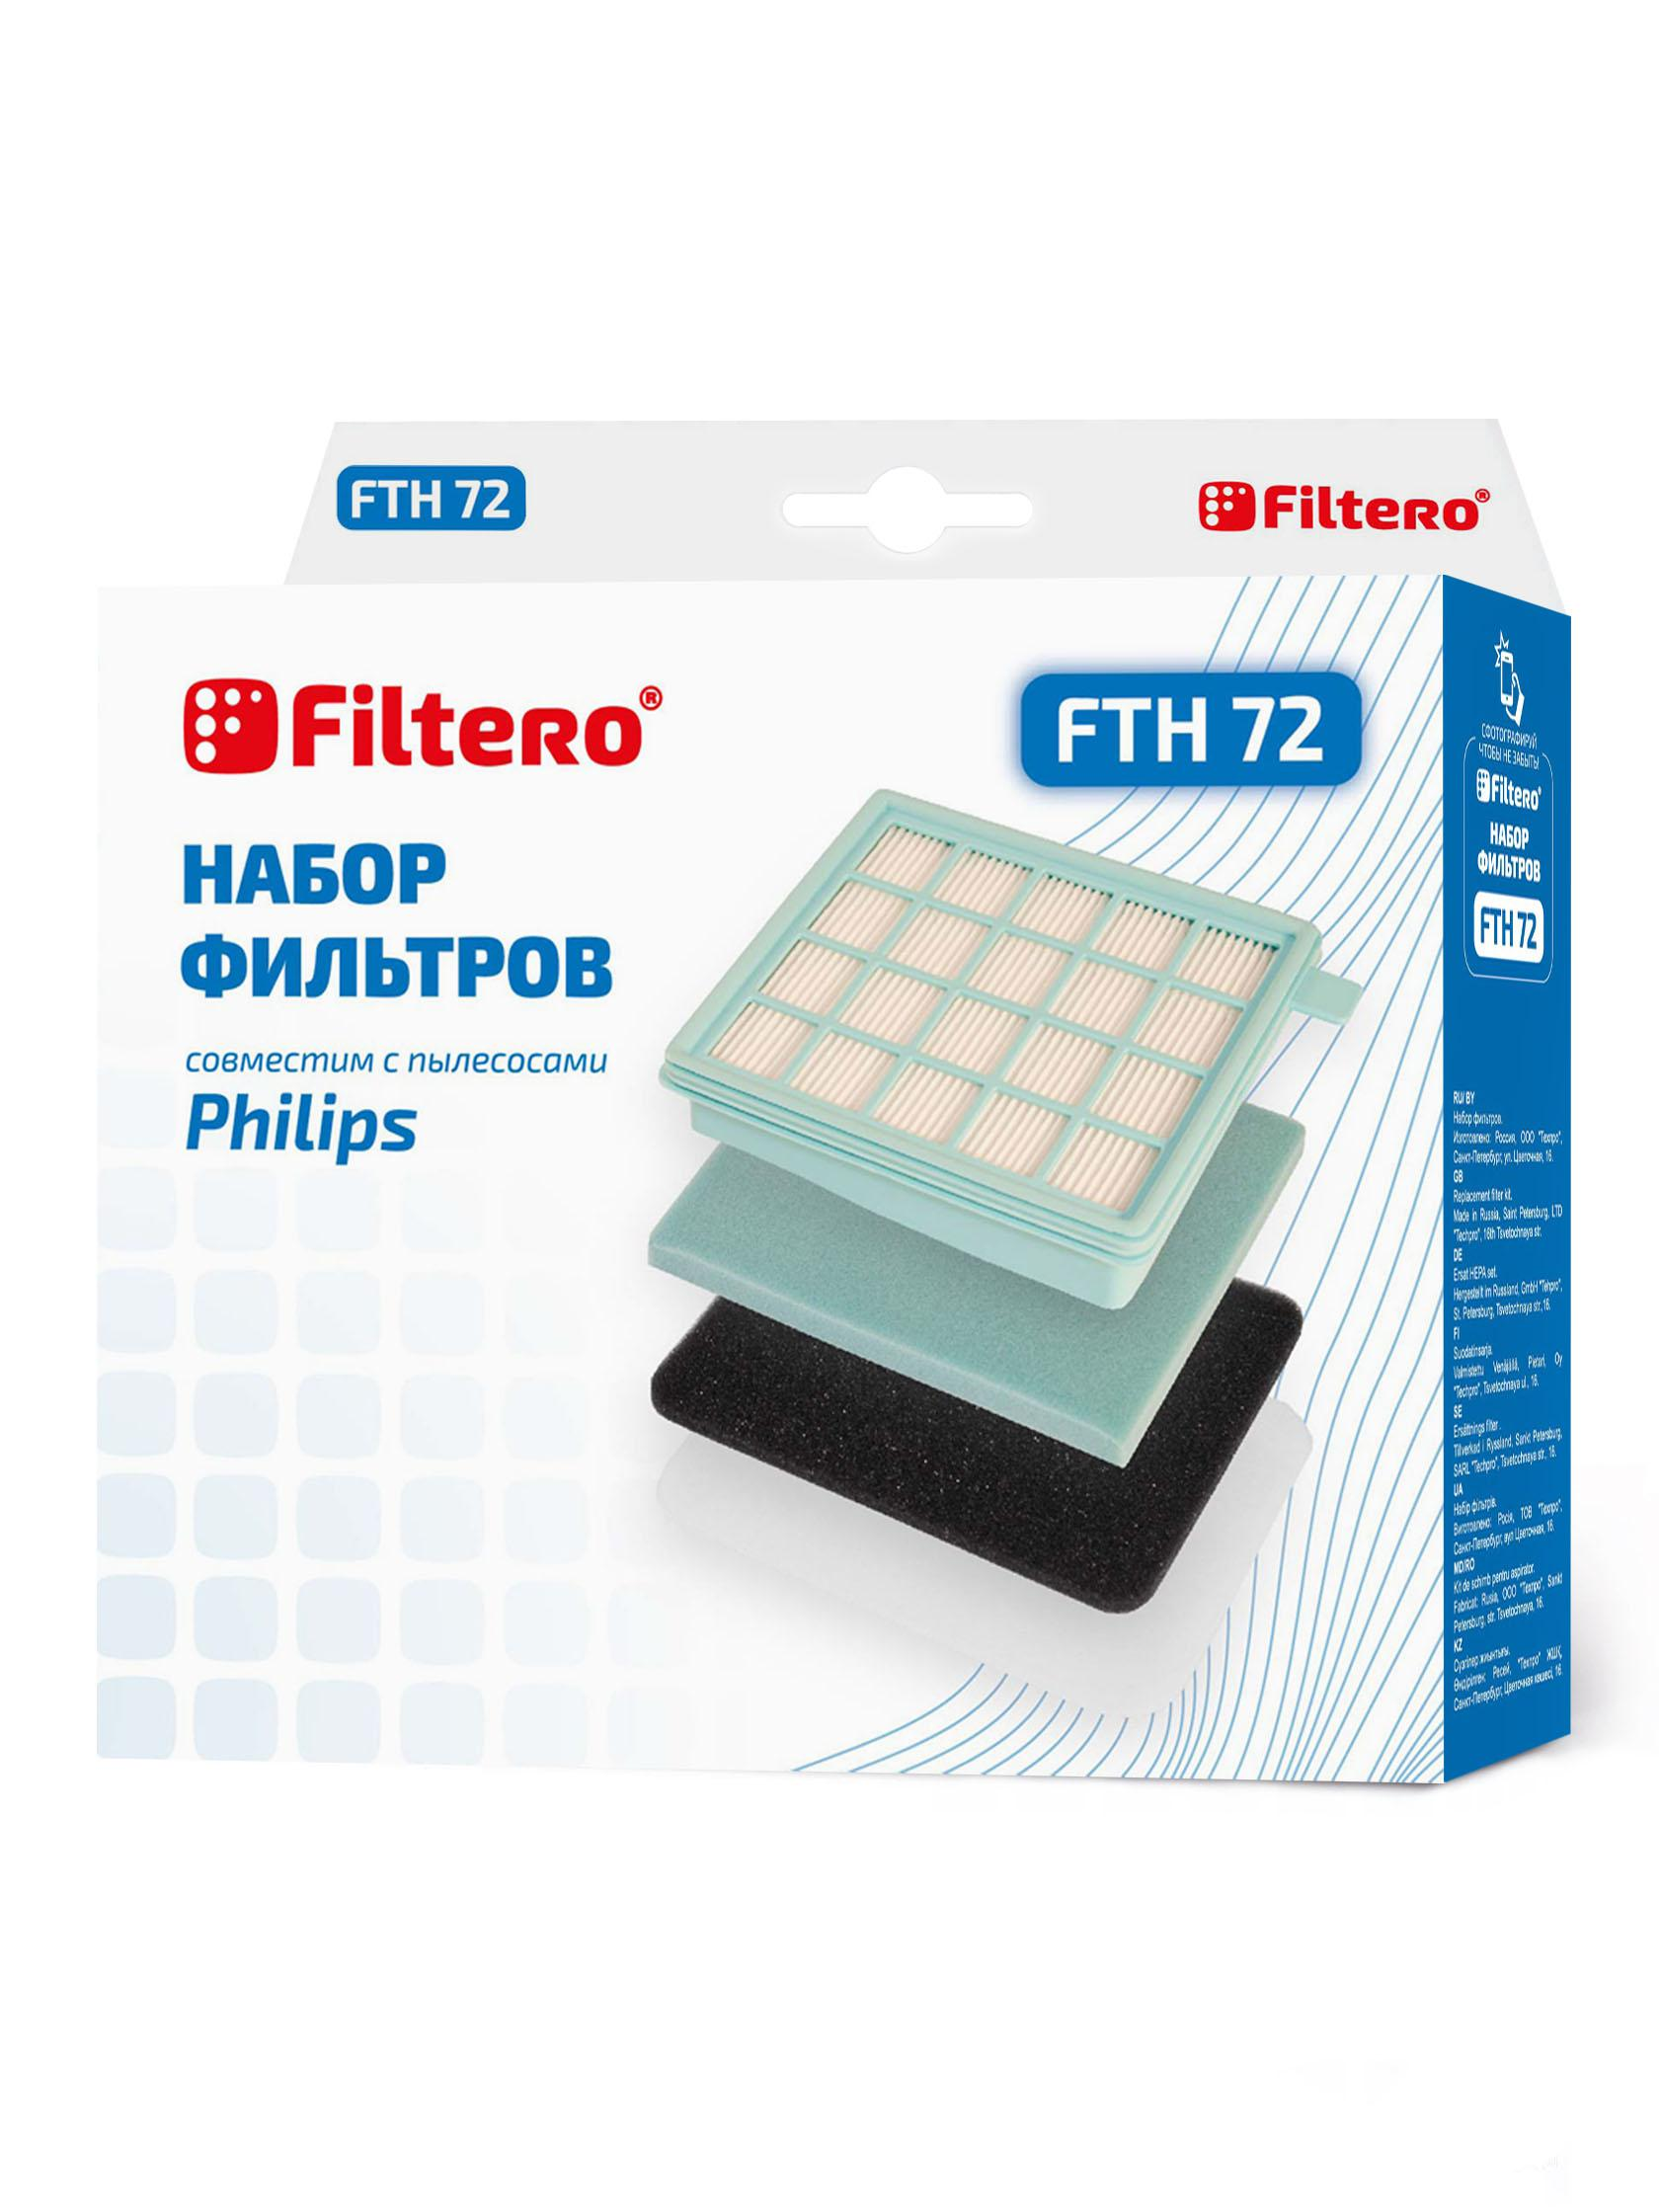 Фильтр Filtero Fth 72 phi